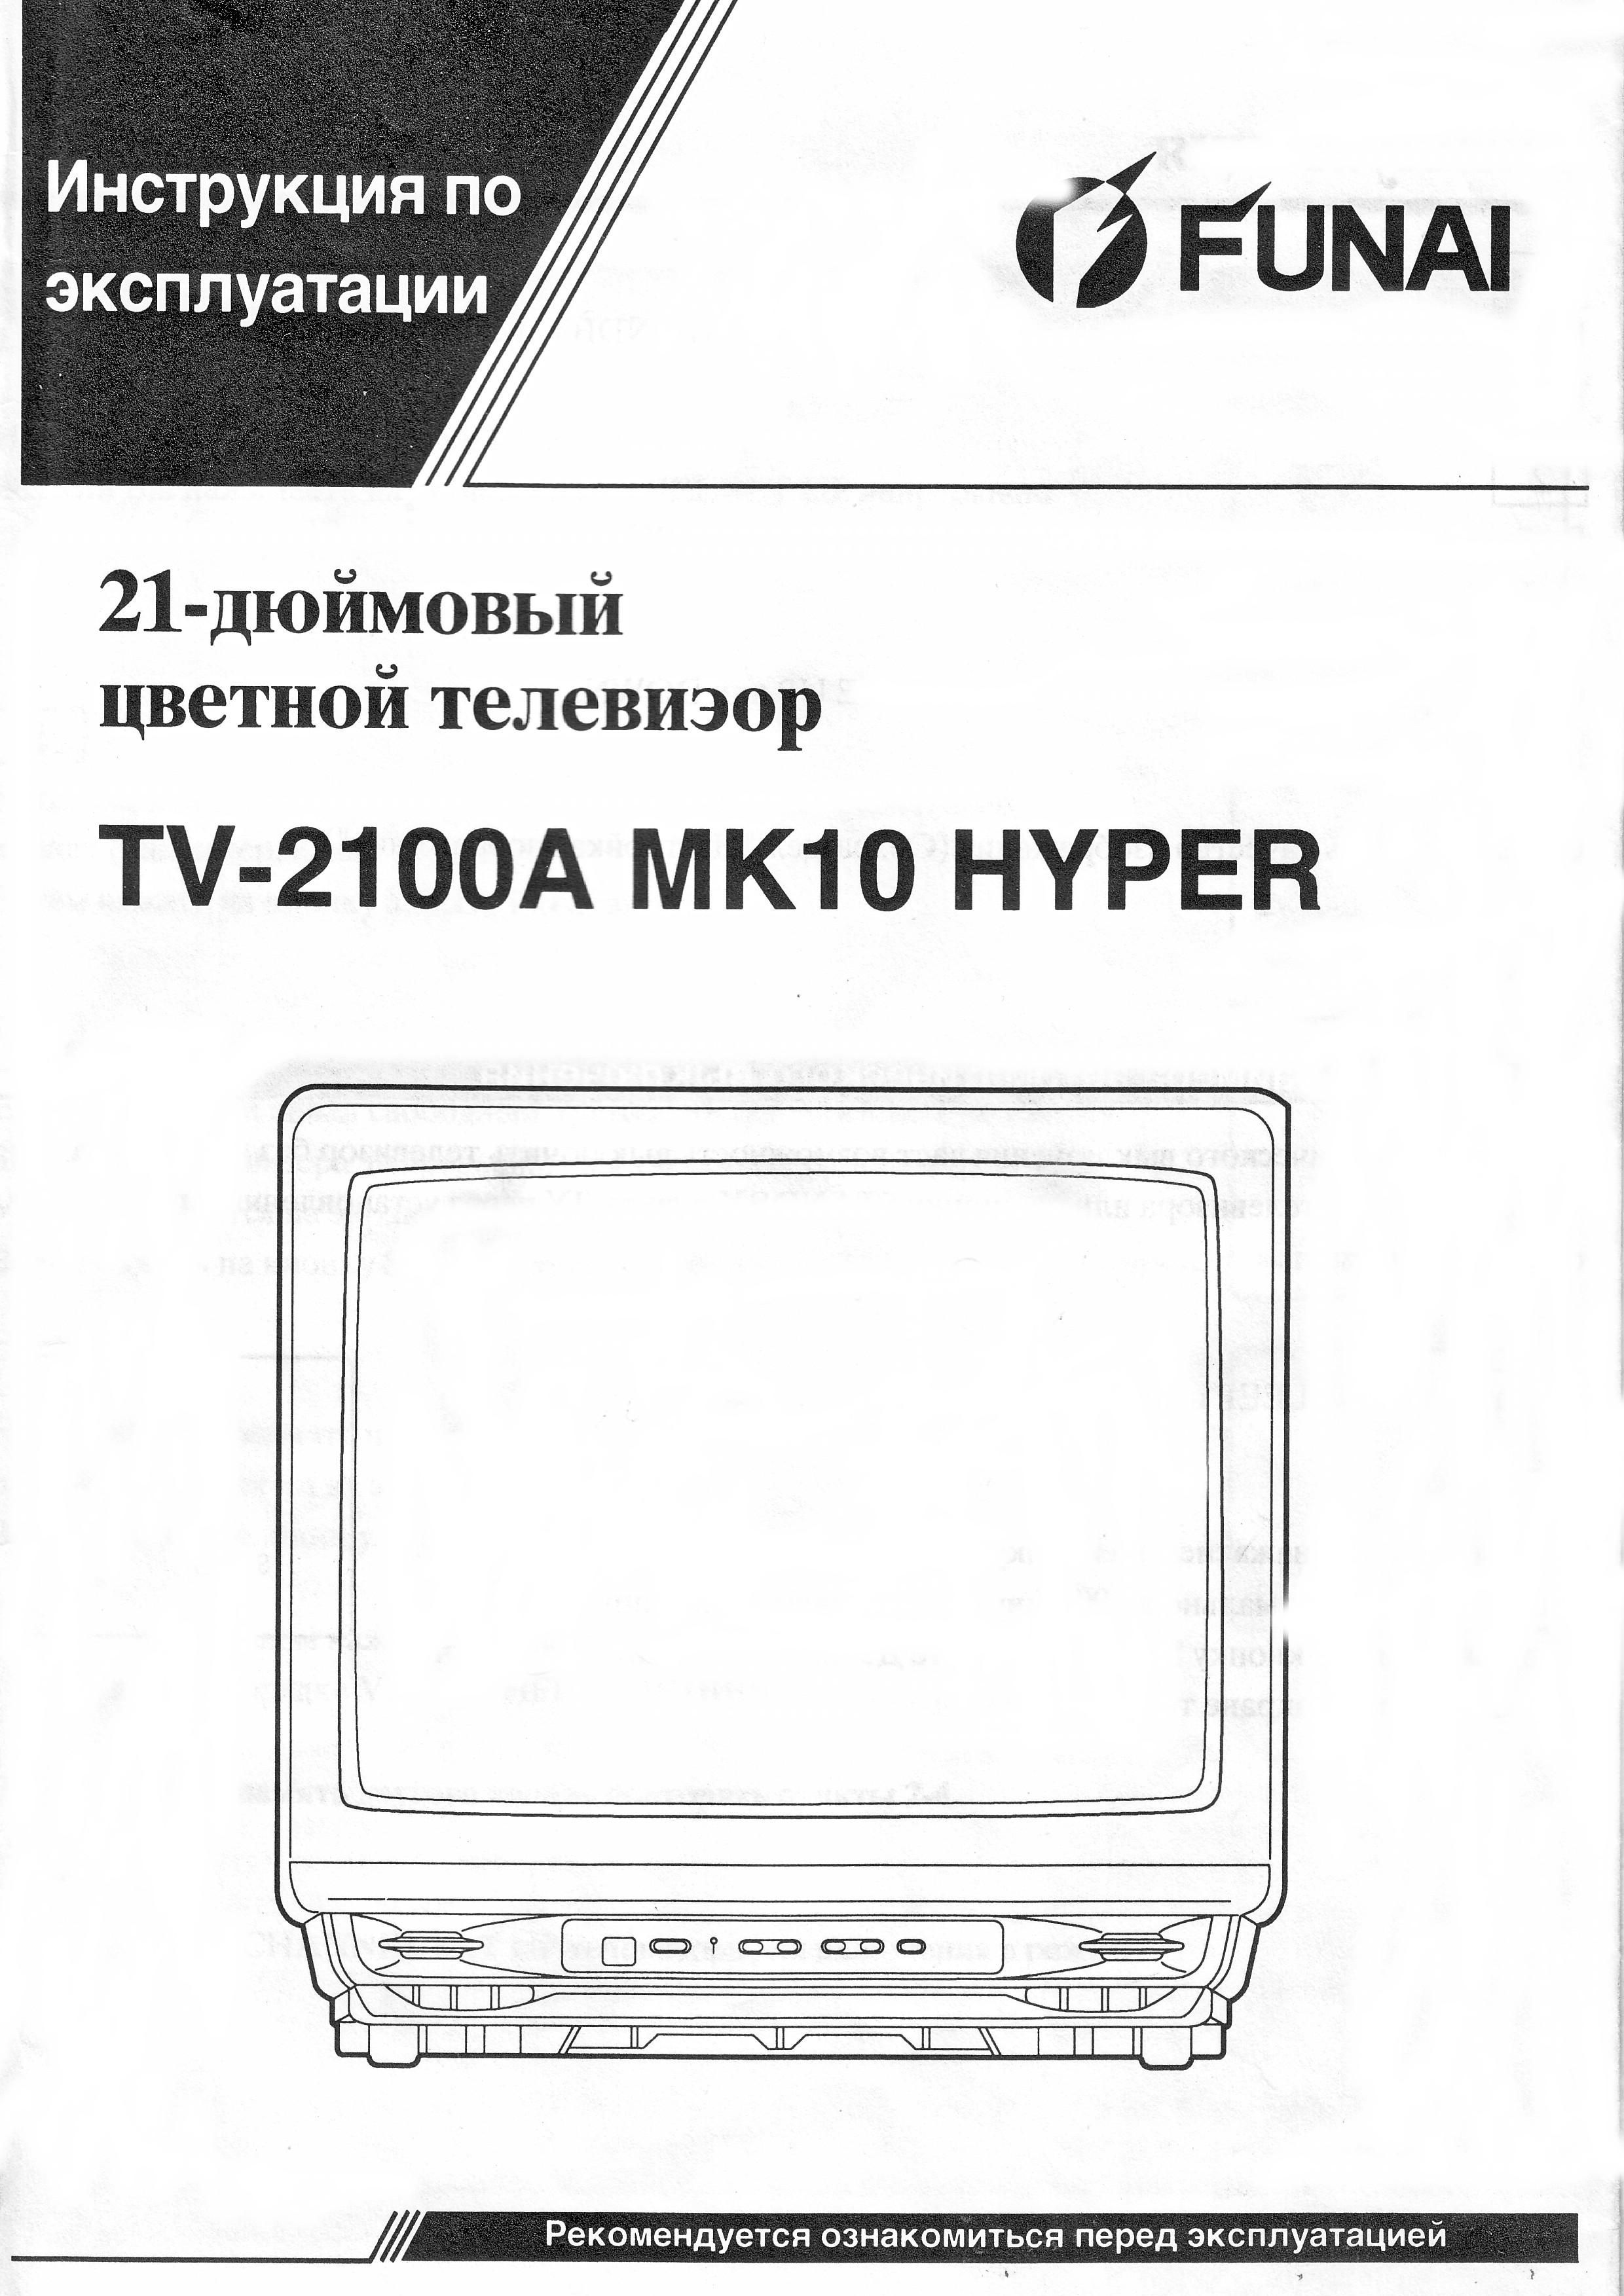 помехи для телевизора схема